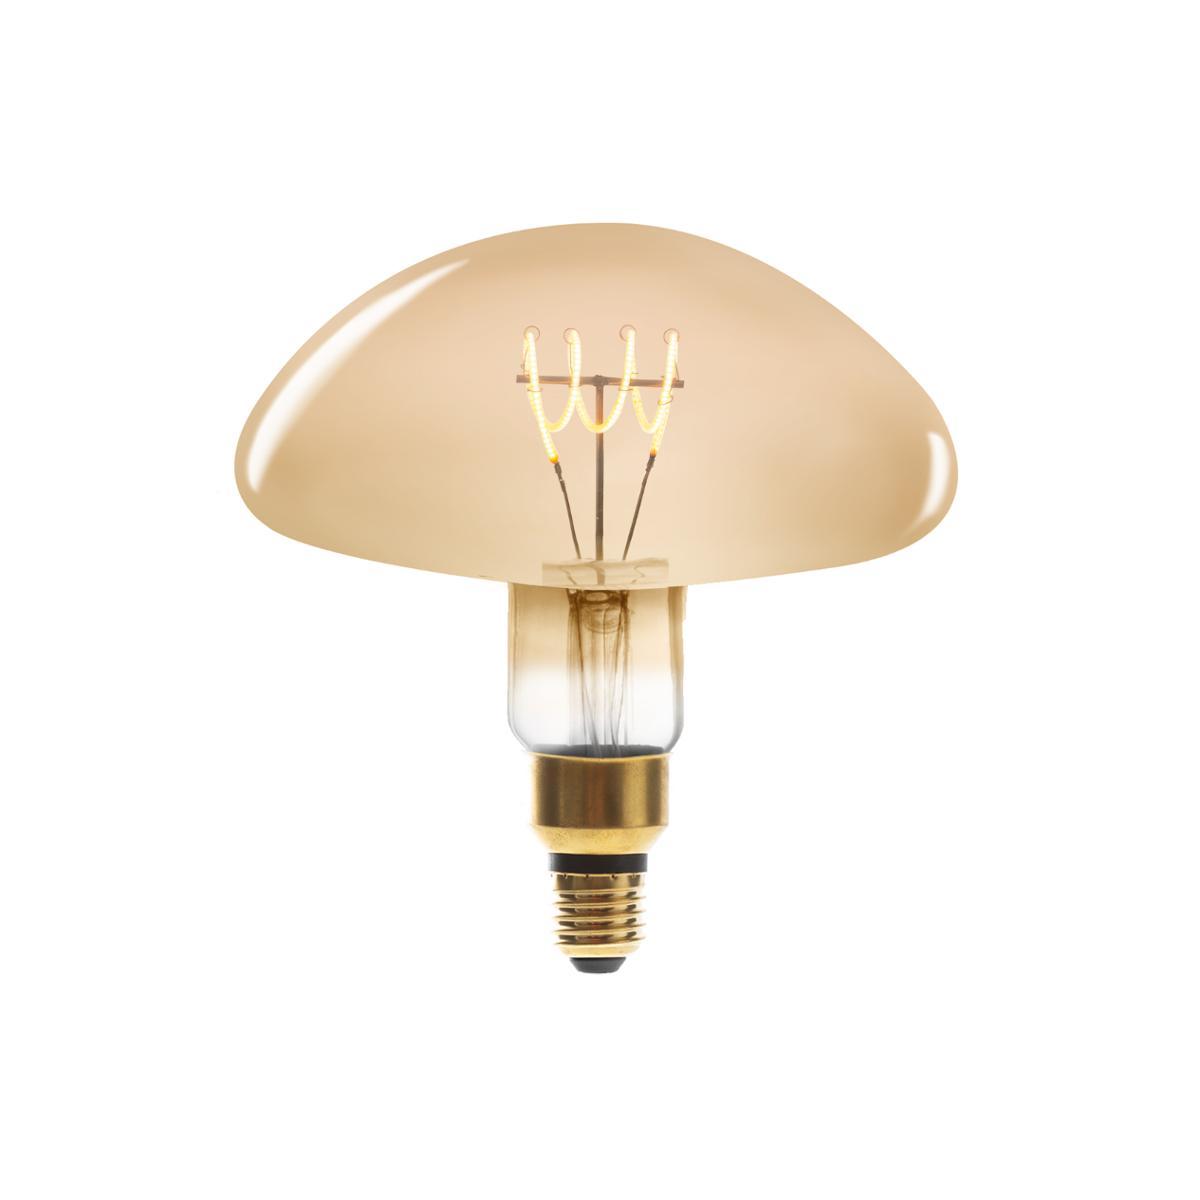 Ampoule LED Torsad Ambré MS200 4W